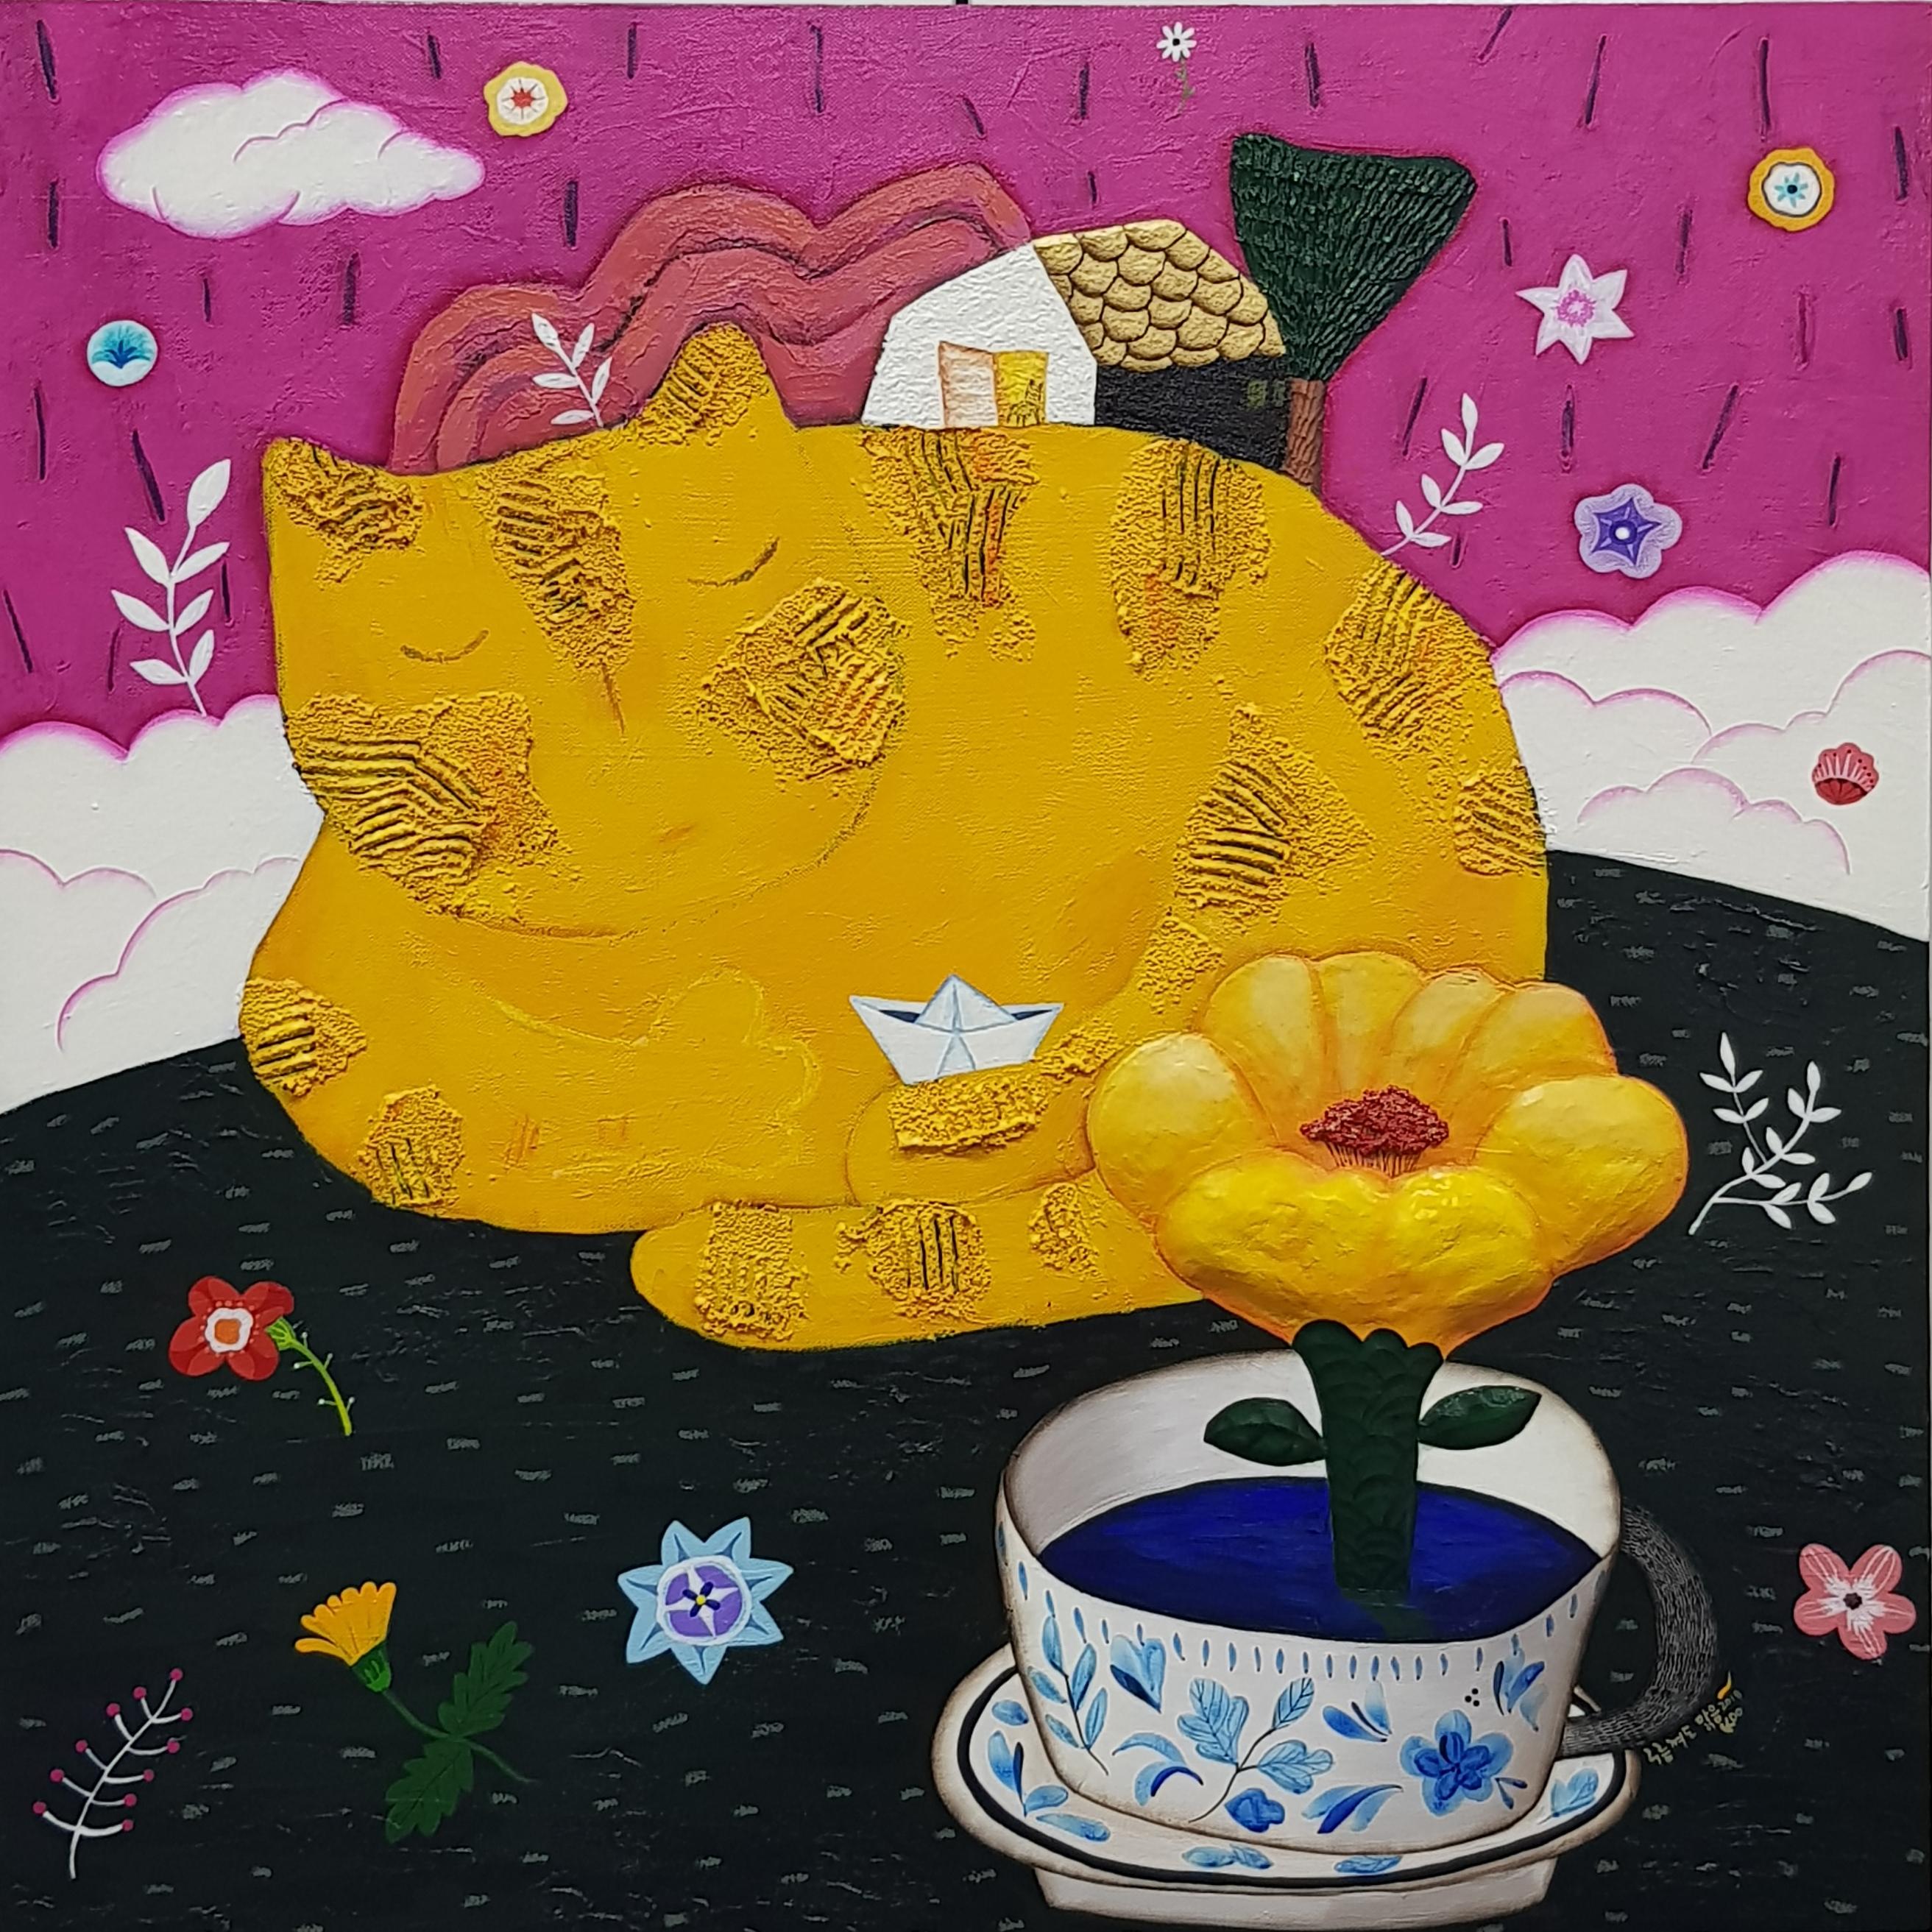 구름껴도 맑음, 60x60cm, Mixed media on canvas, 2018